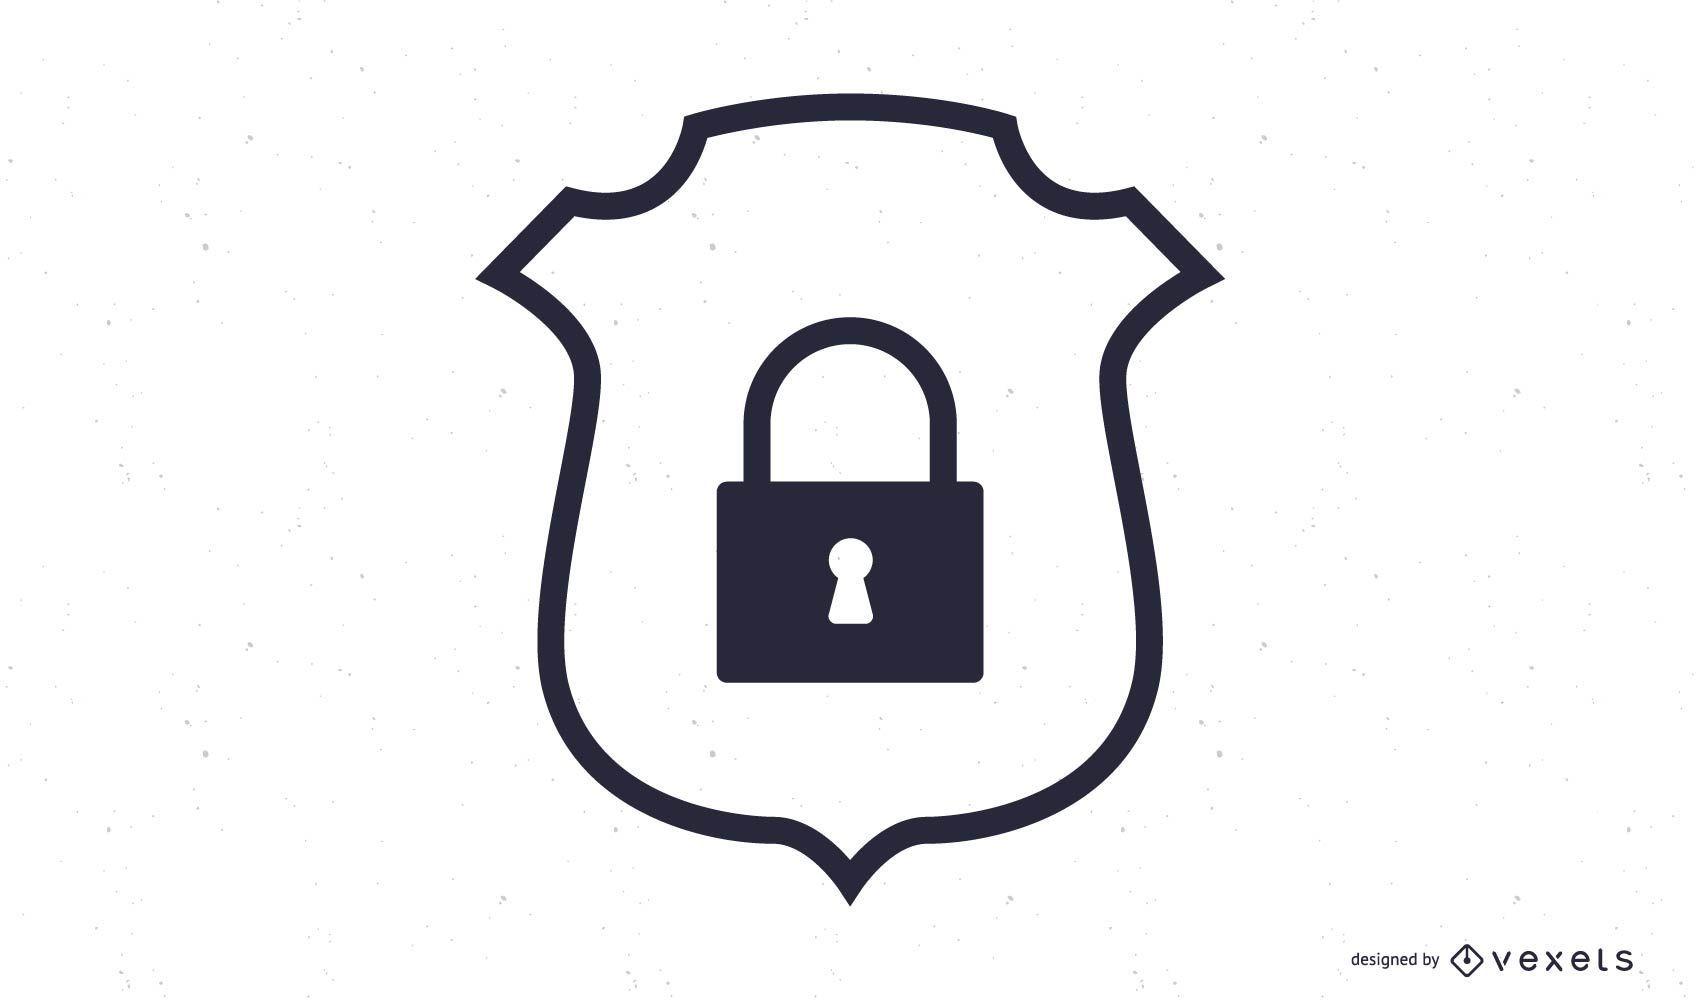 Icono de insignia de seguridad